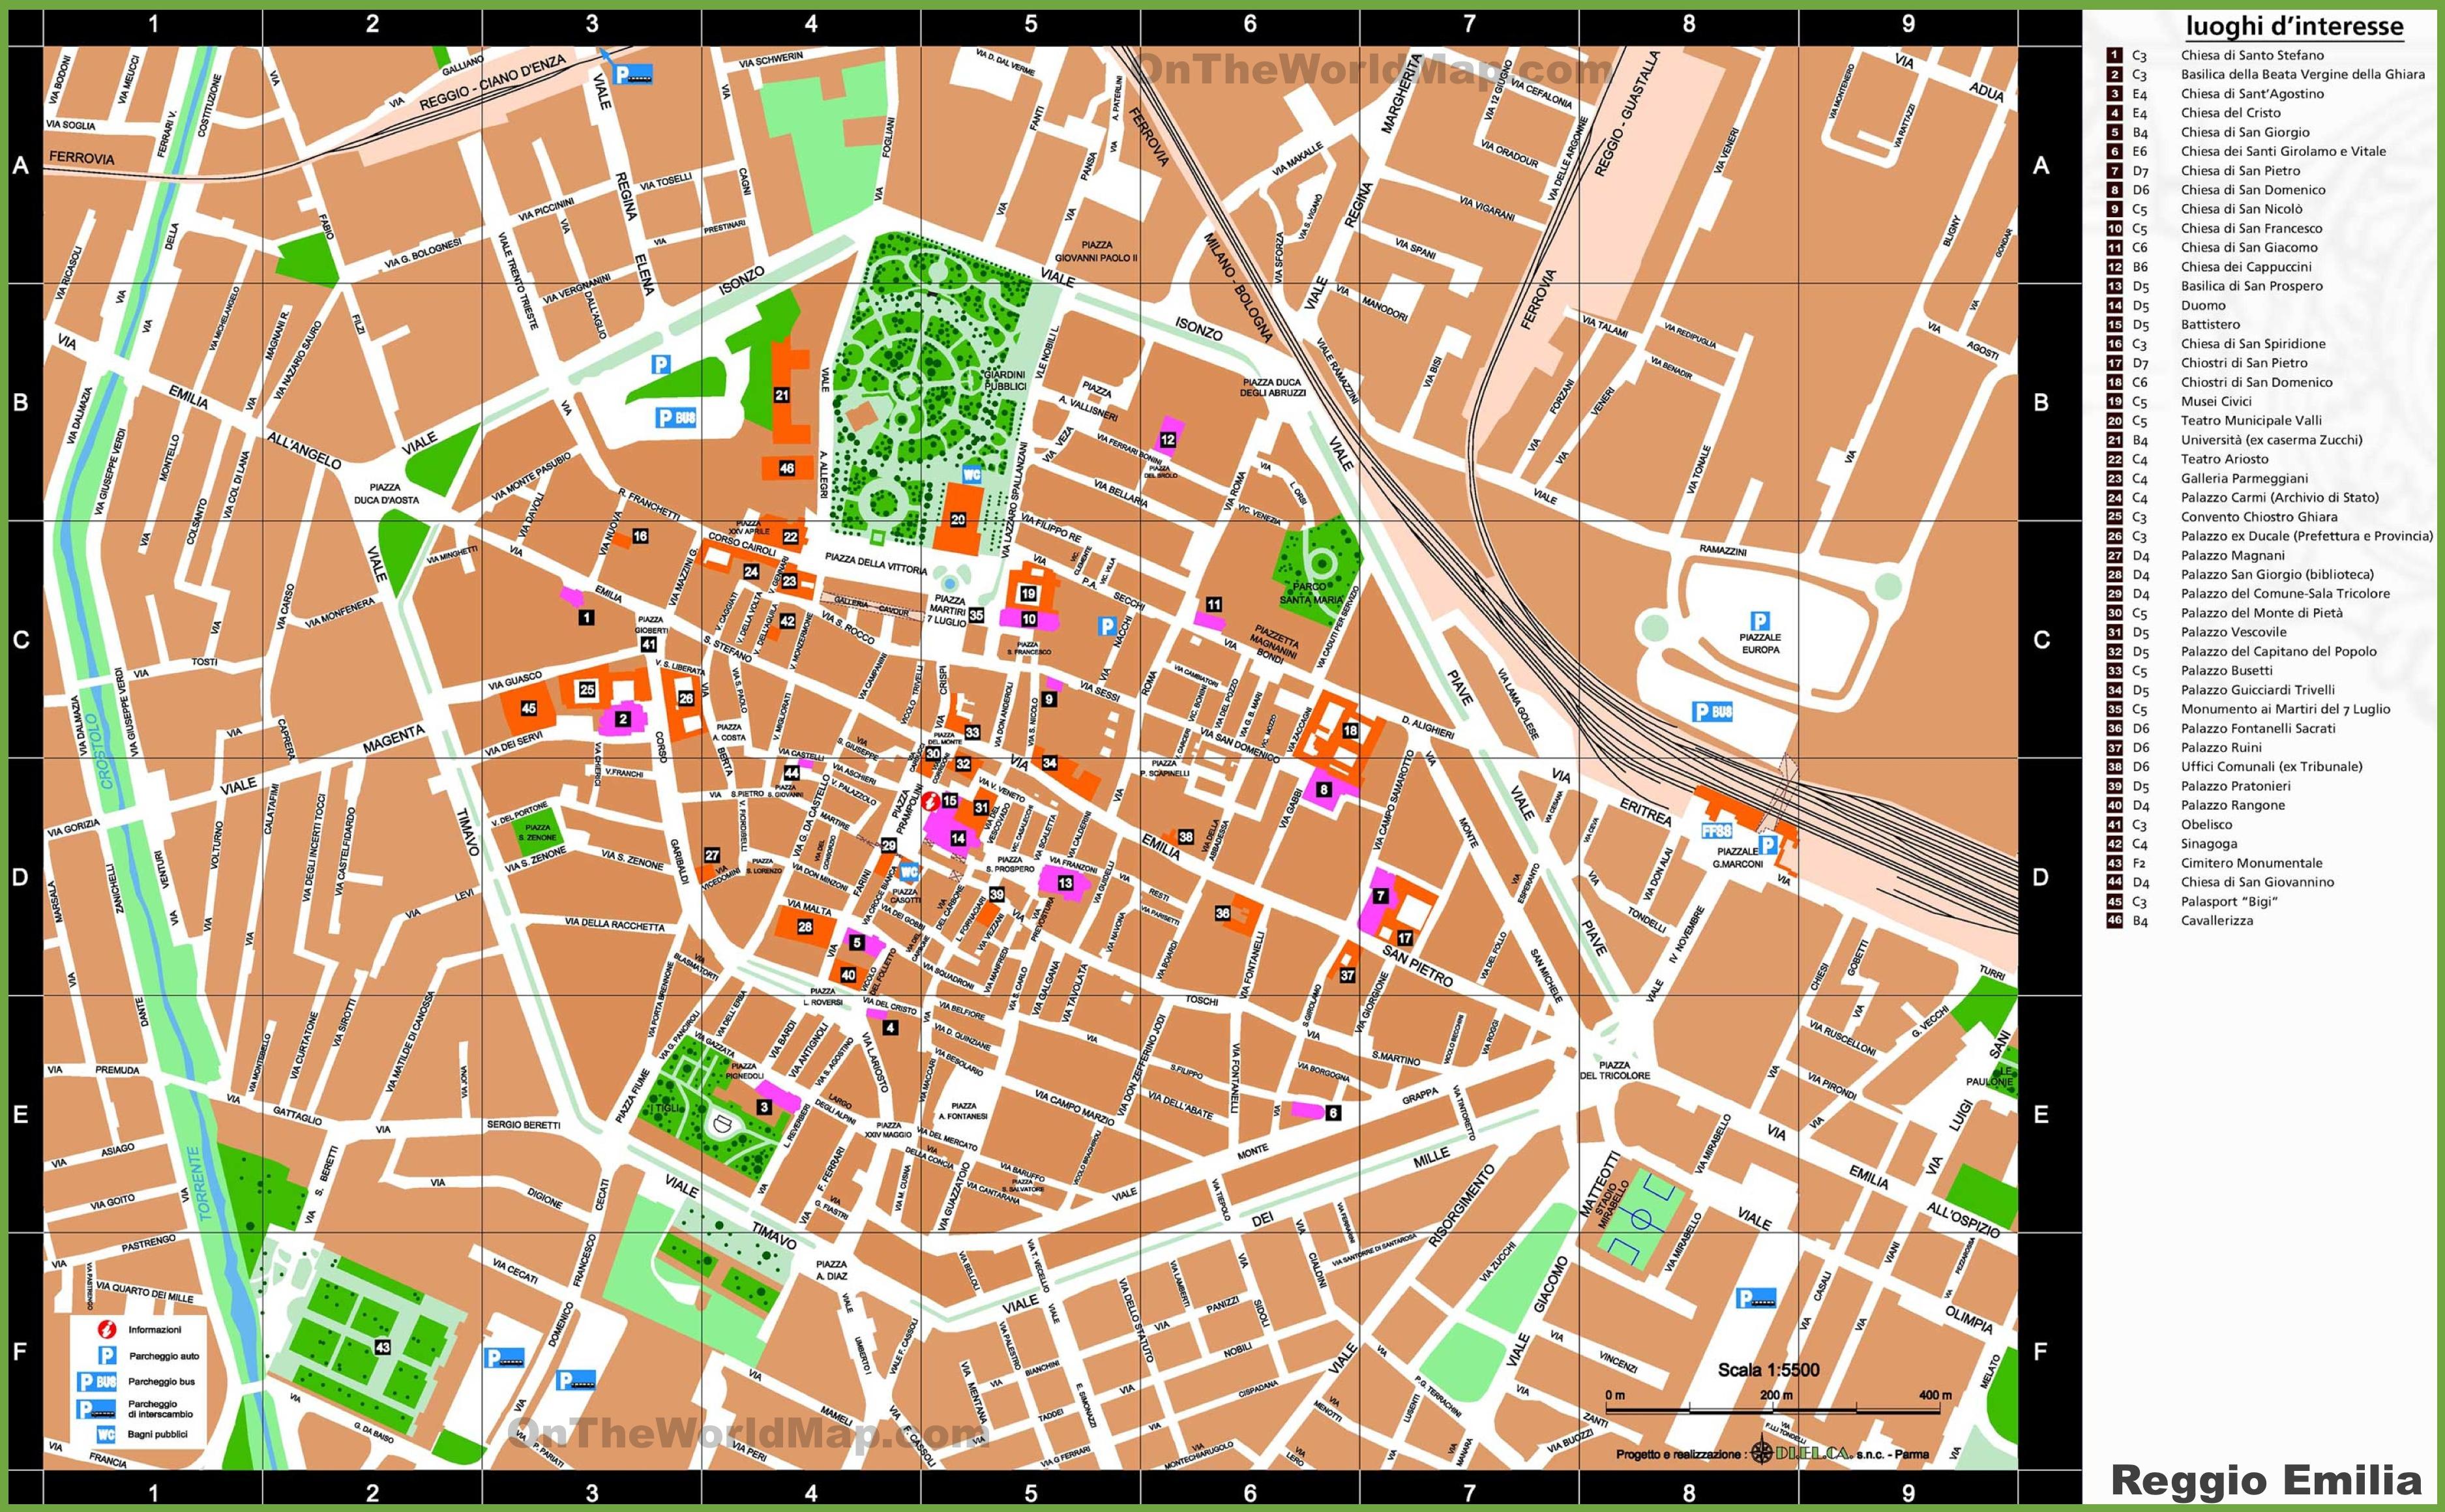 Reggio Emilia sightseeing map